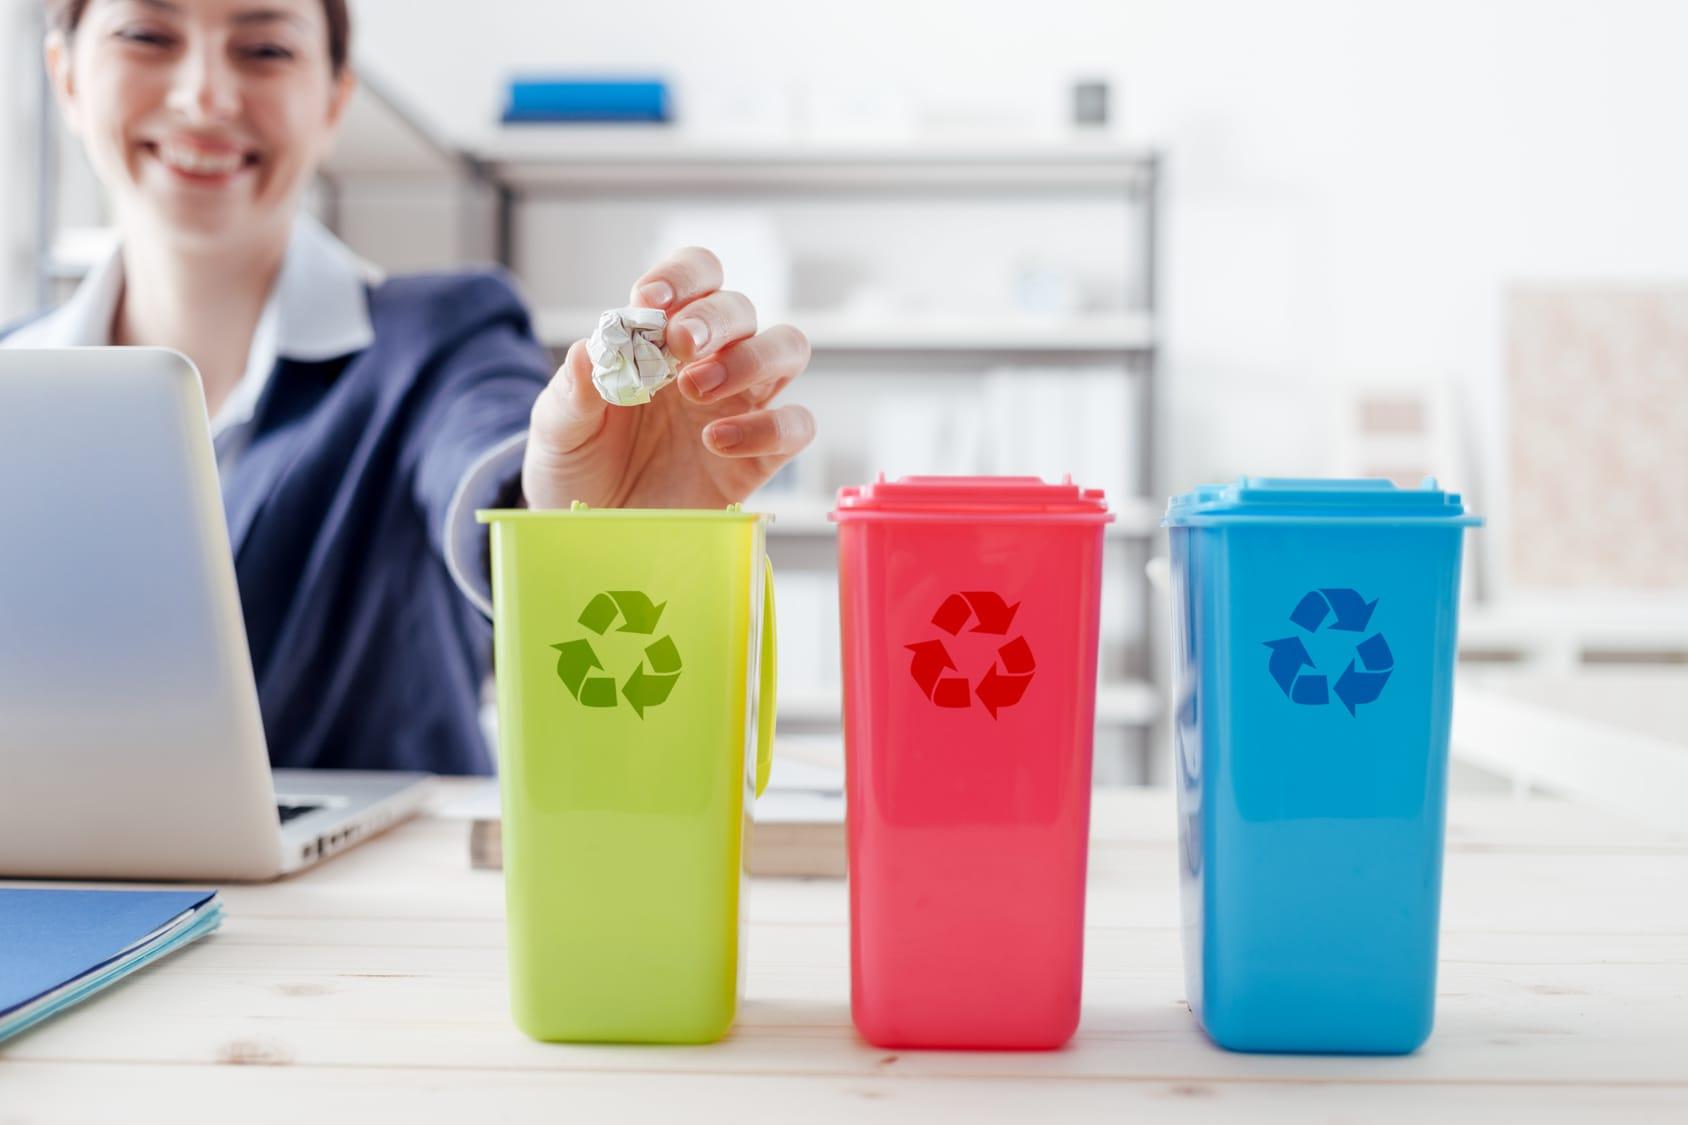 Mülltrennung – So machen Sie es richtig